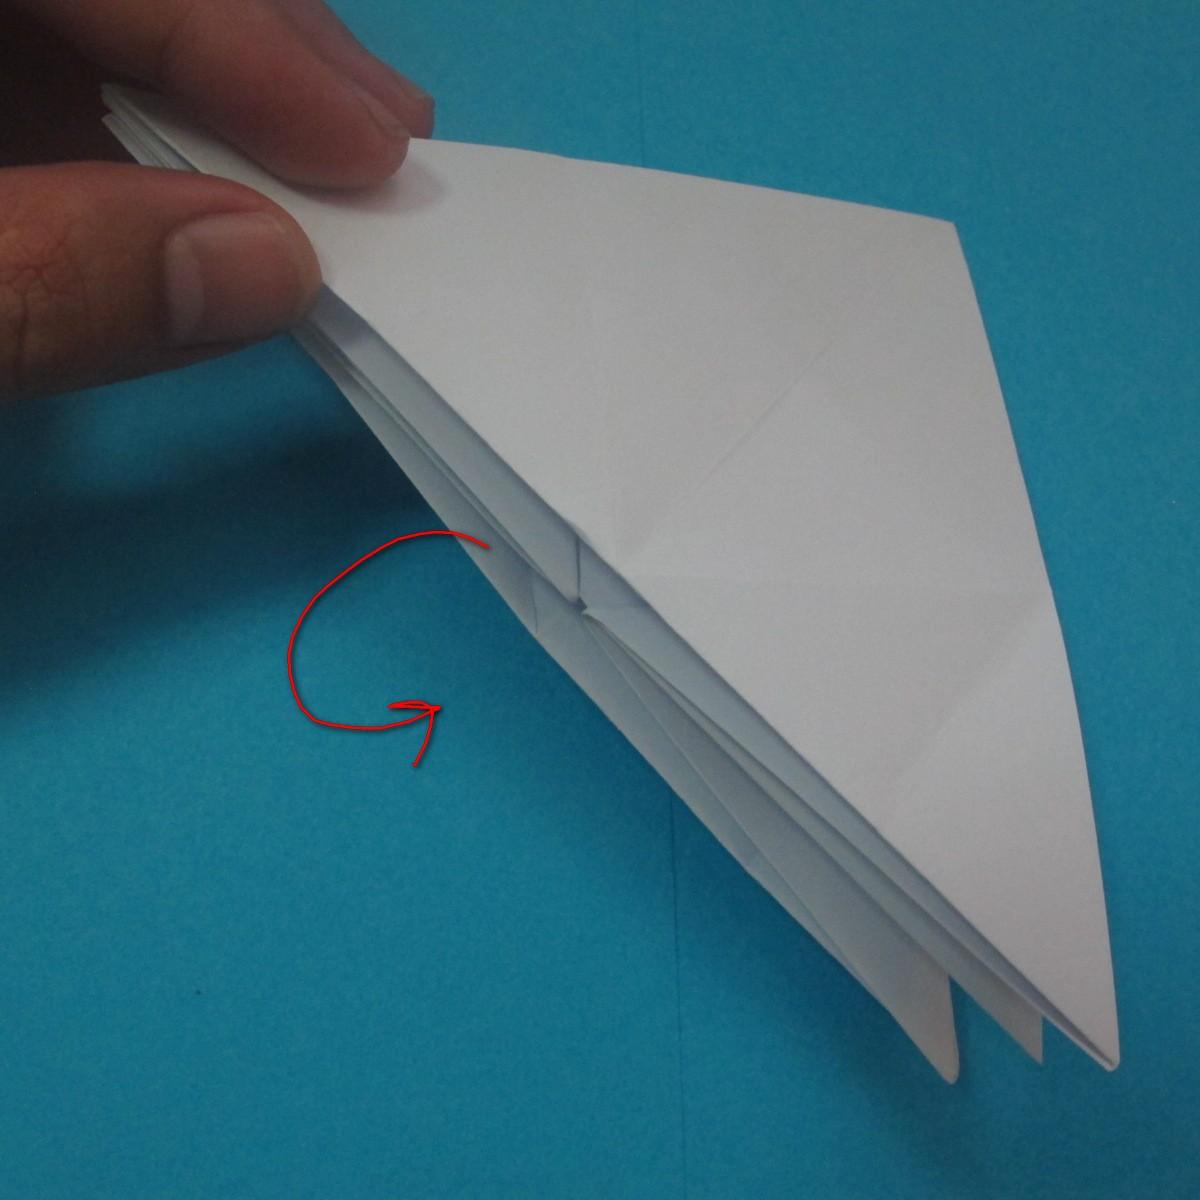 วิธีการพับกระดาษเป็นนกเพนกวิ้น 017